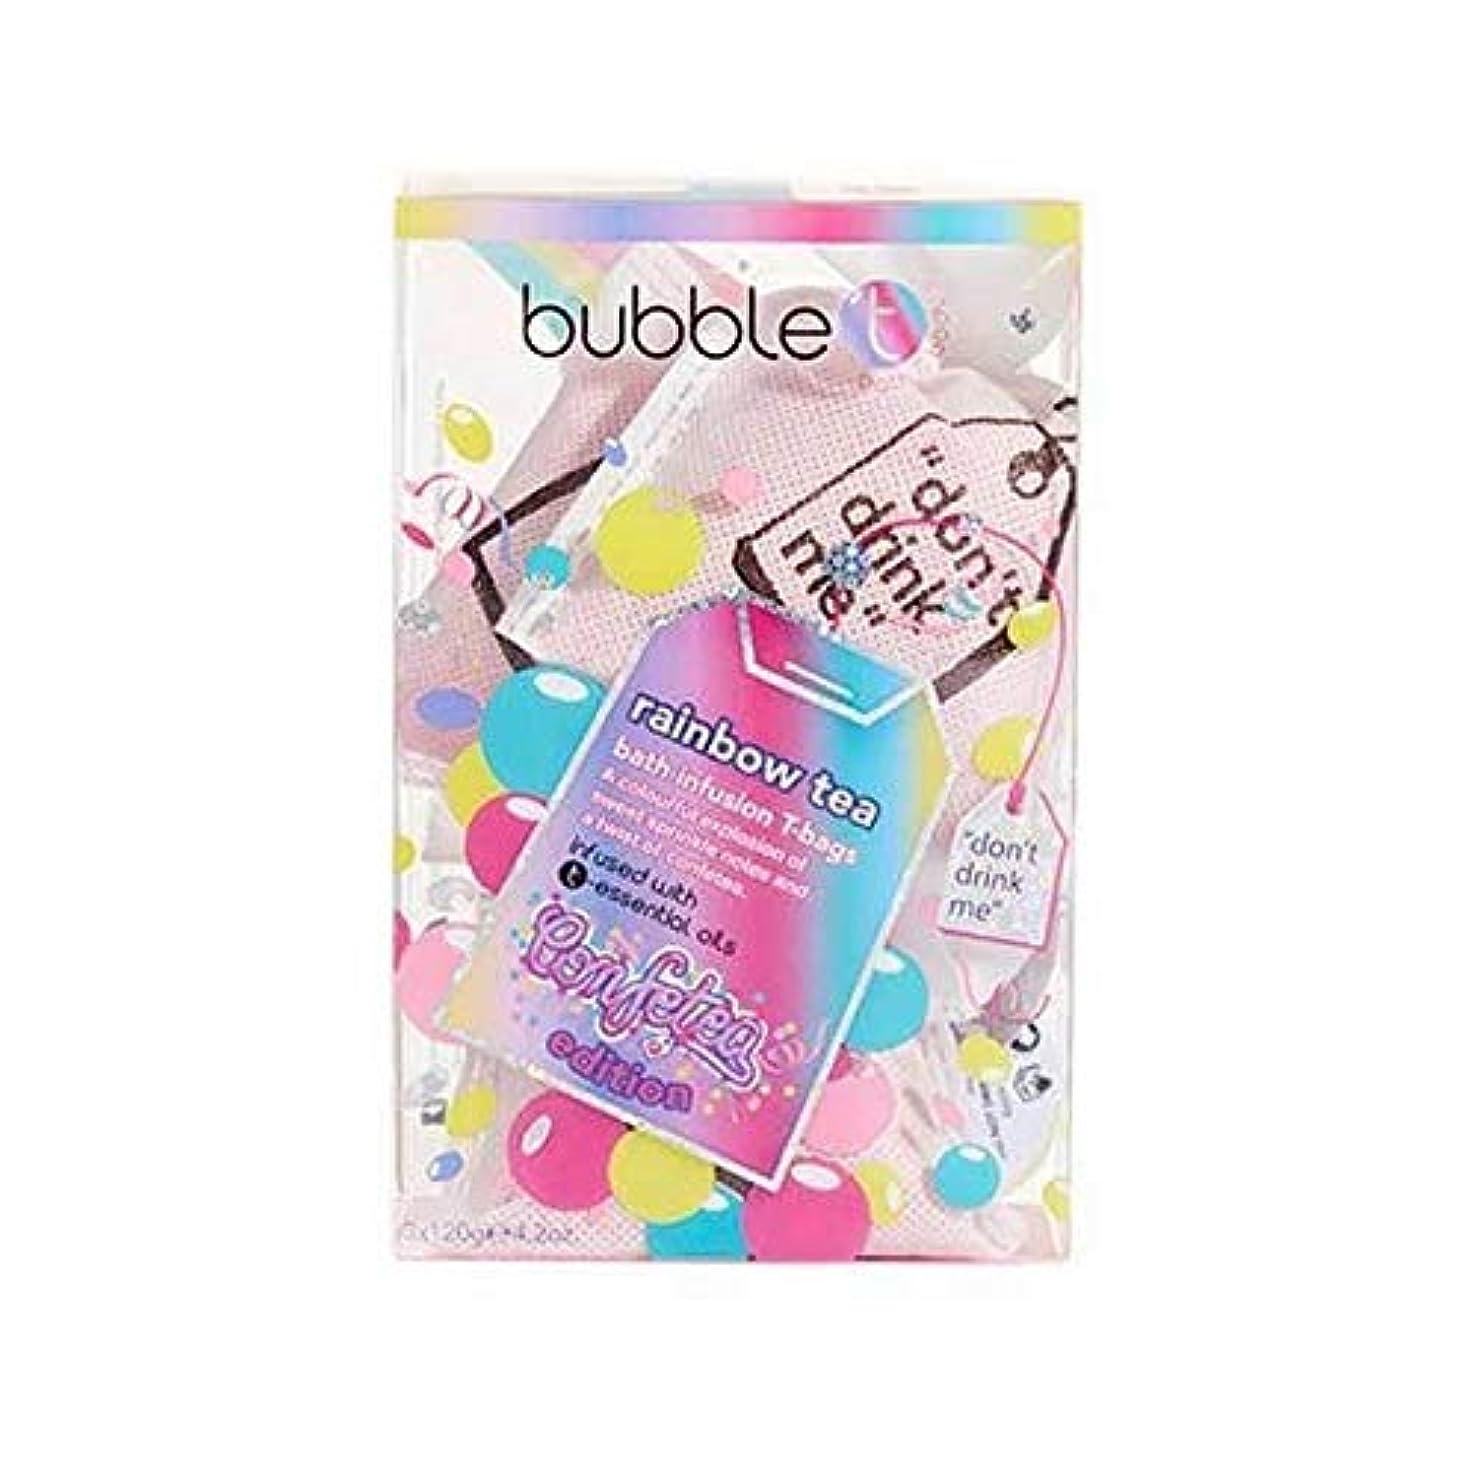 南アメリカバックグラウンド目に見える[Bubble T ] バブルトンの化粧品 - 入浴輸液ティーバッグ虹のお茶 - Bubble T Cosmetics - Bath infusion tea bags Rainbow tea [並行輸入品]